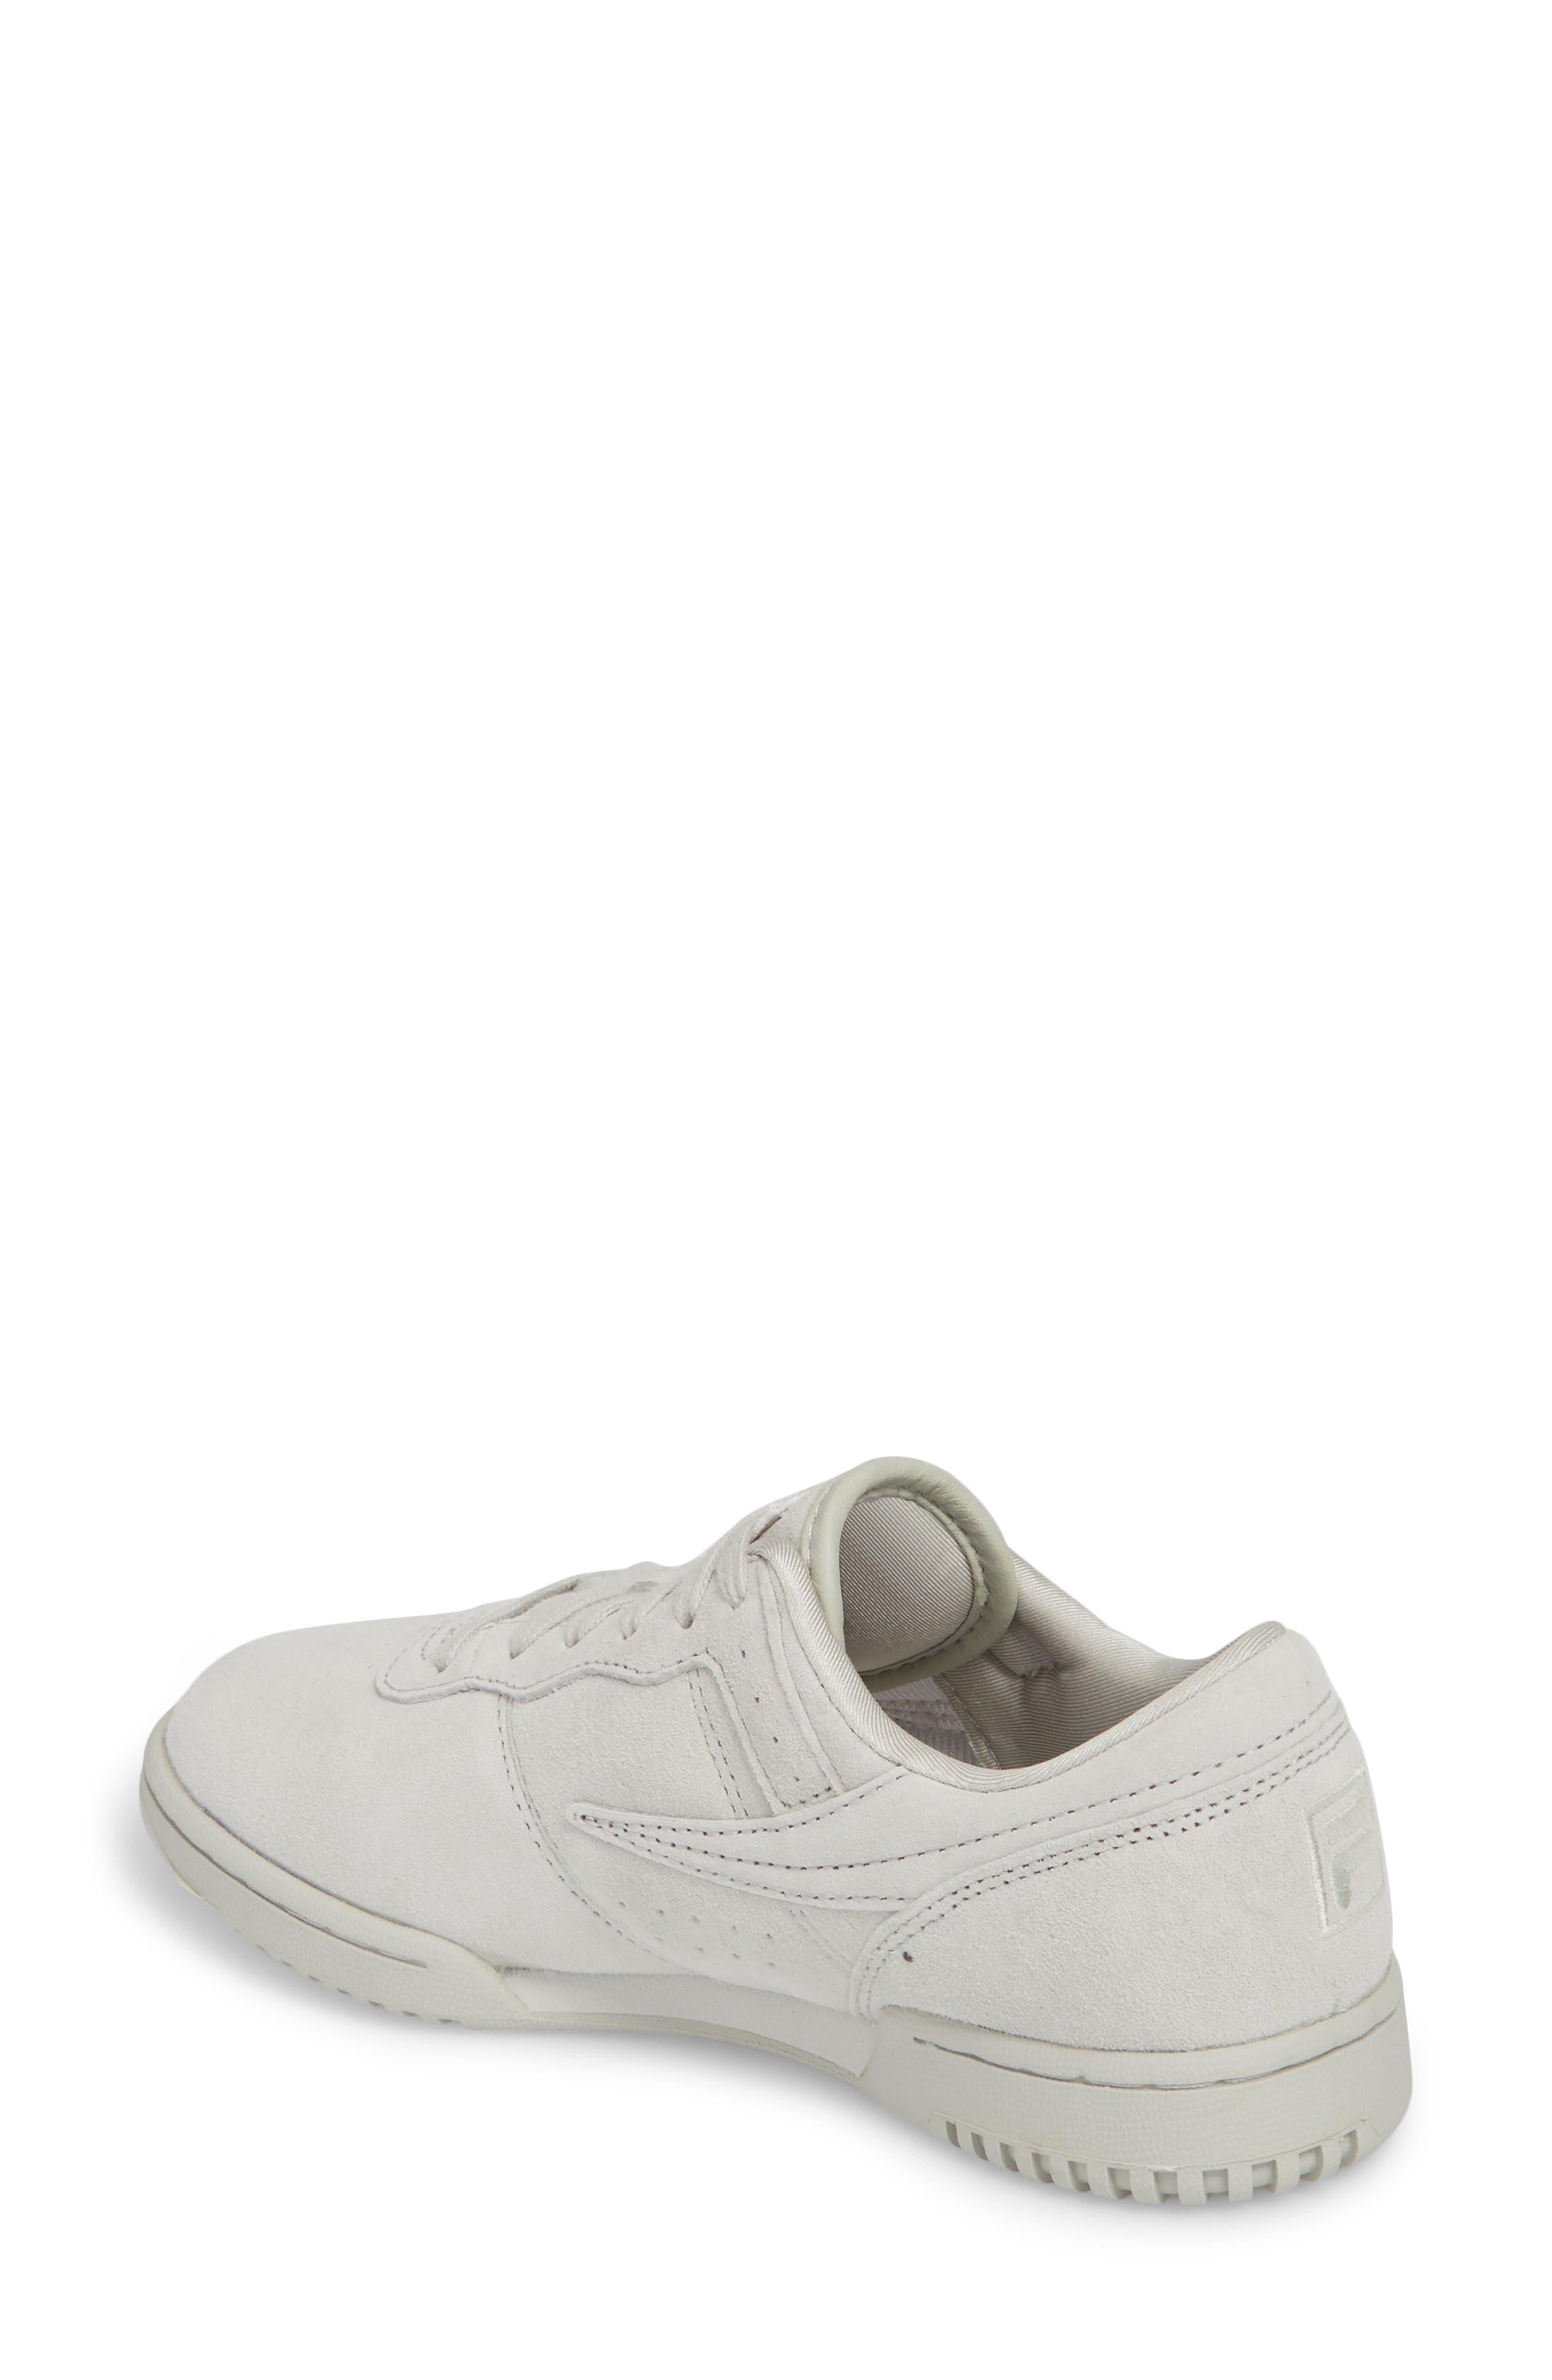 Original Fitness Premium Sneaker,                             Alternate thumbnail 2, color,                             050